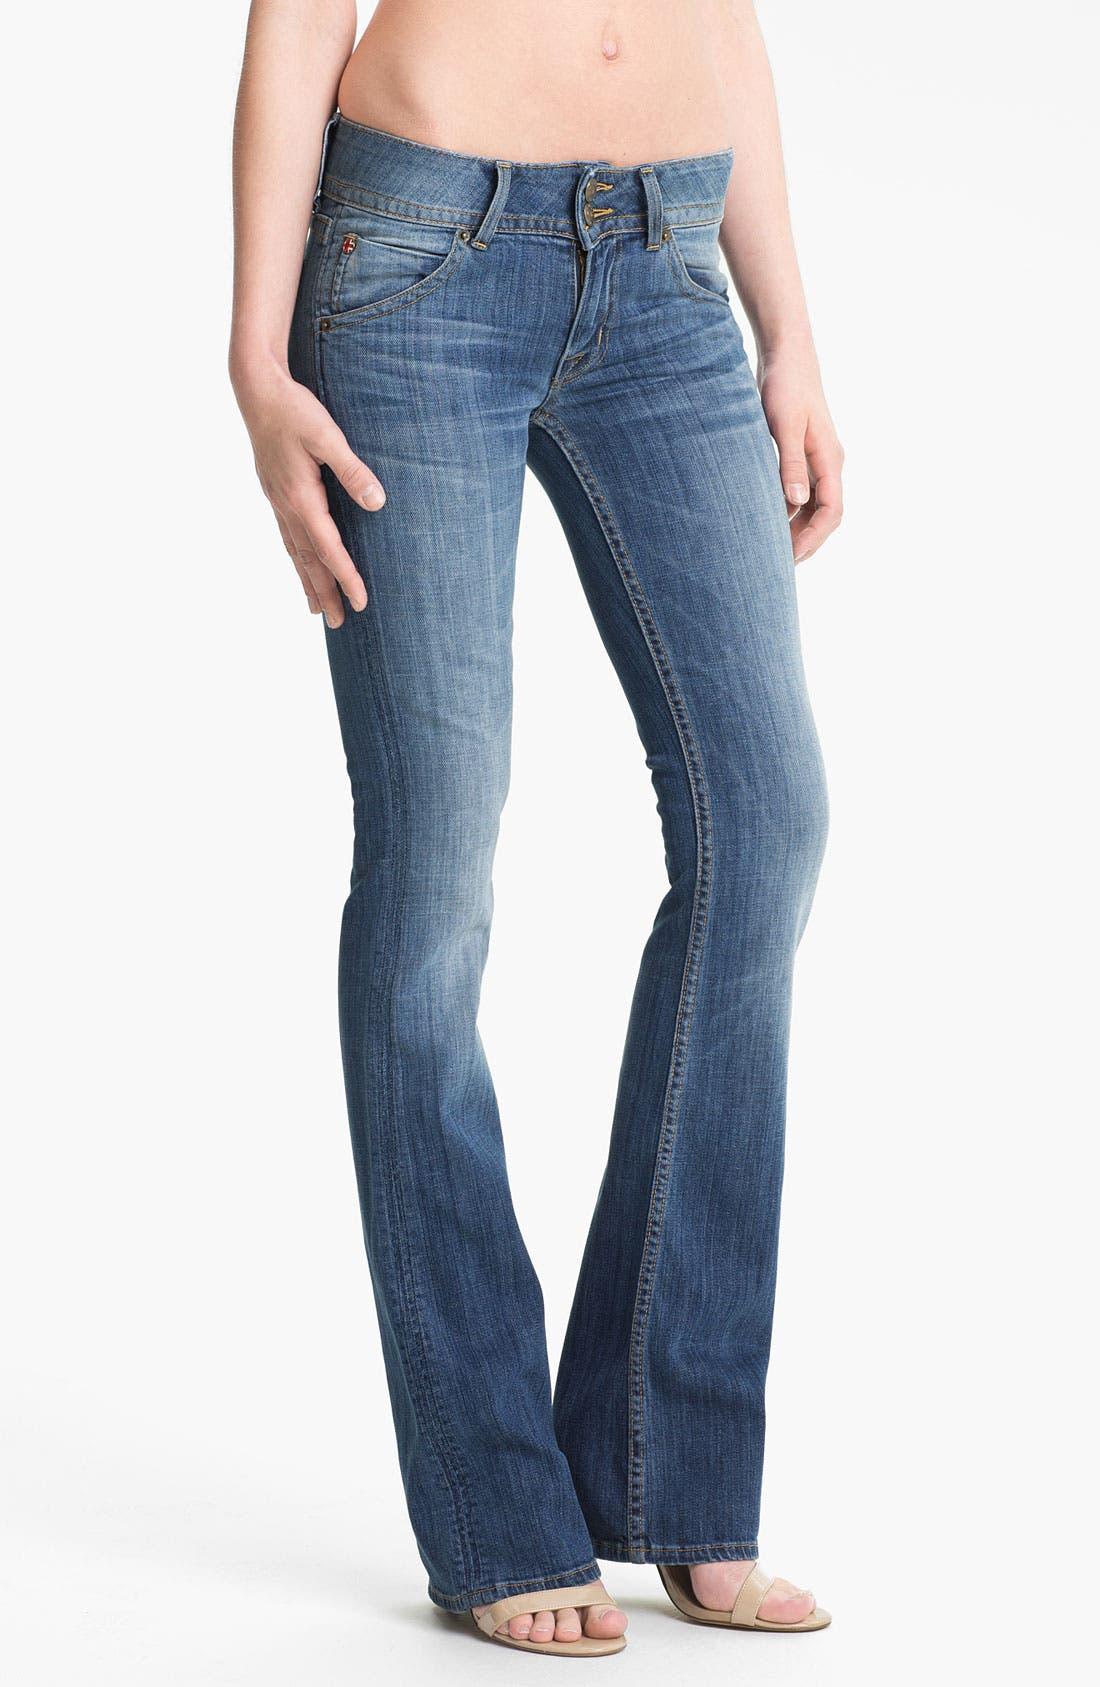 Main Image - Hudson Jeans Signature Flap Pocket Bootcut Jeans (Milo)